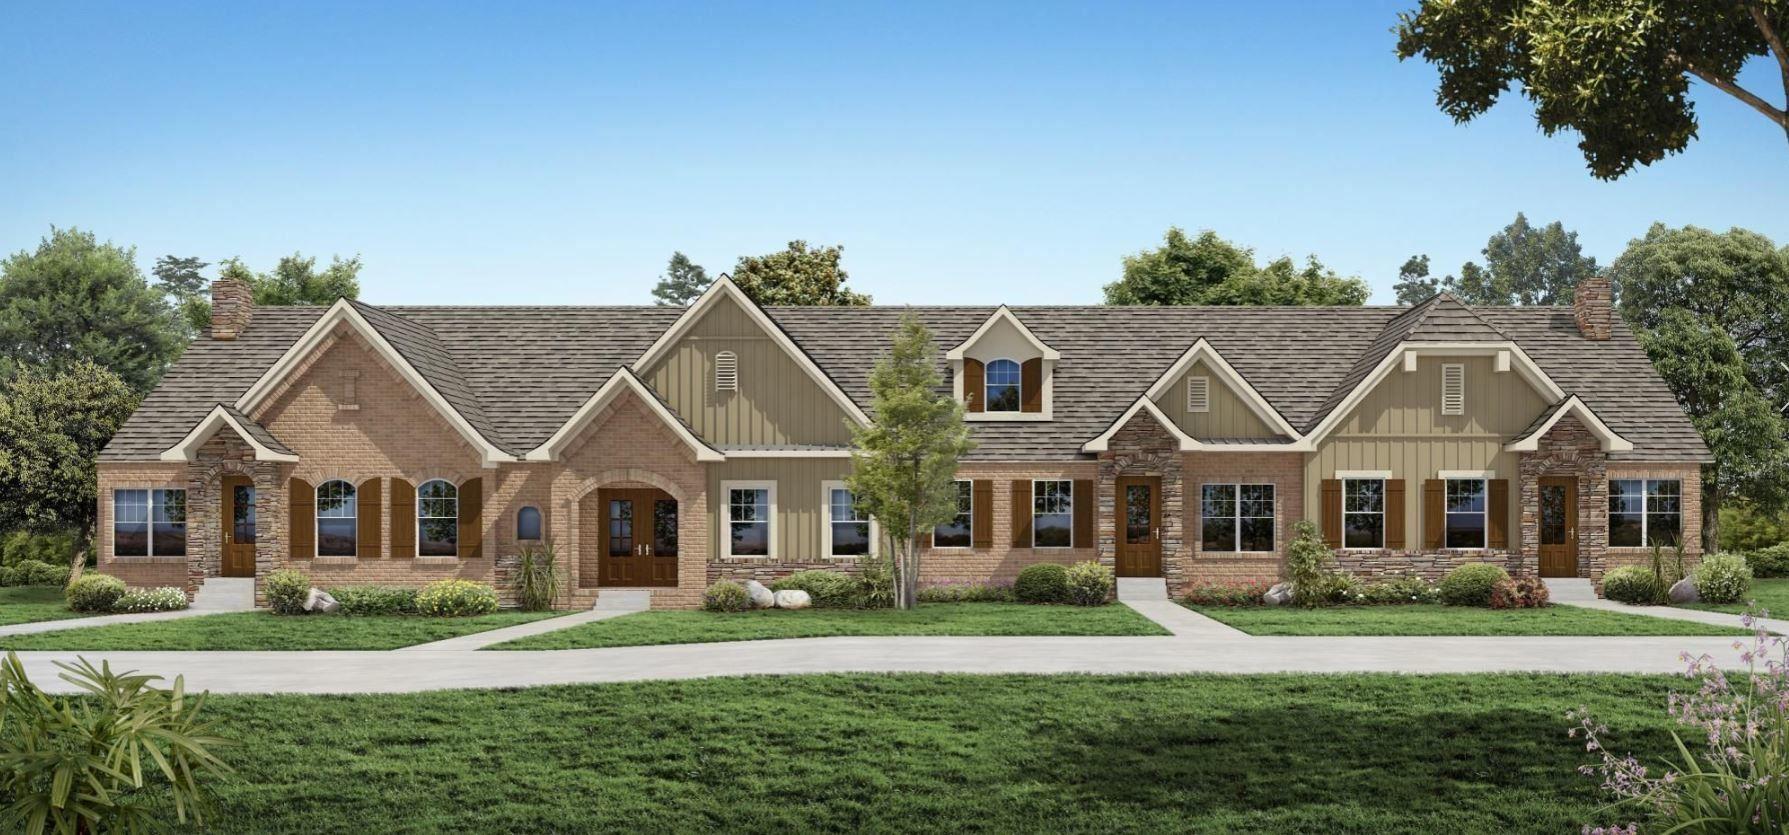 Photo of 115 E Groves Park Blvd, Oak Ridge, TN 37830 (MLS # 1148073)